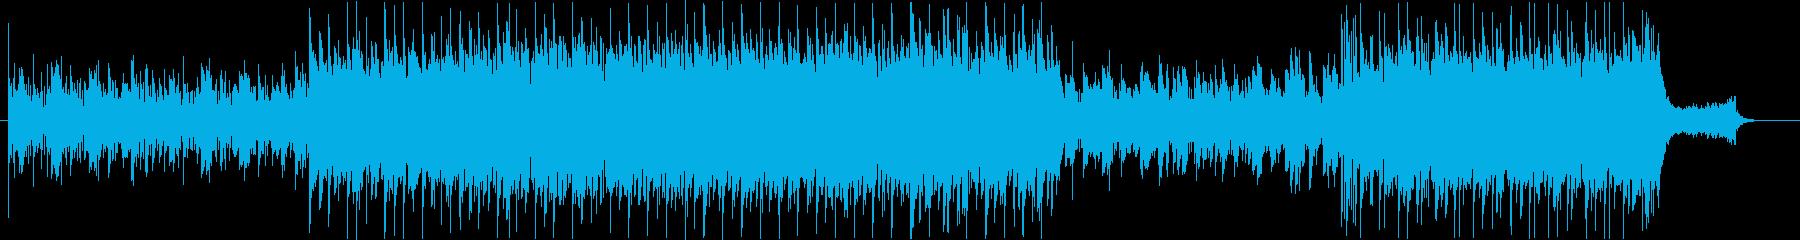 ミドルテンポのエレクトロなコーポレイト曲の再生済みの波形